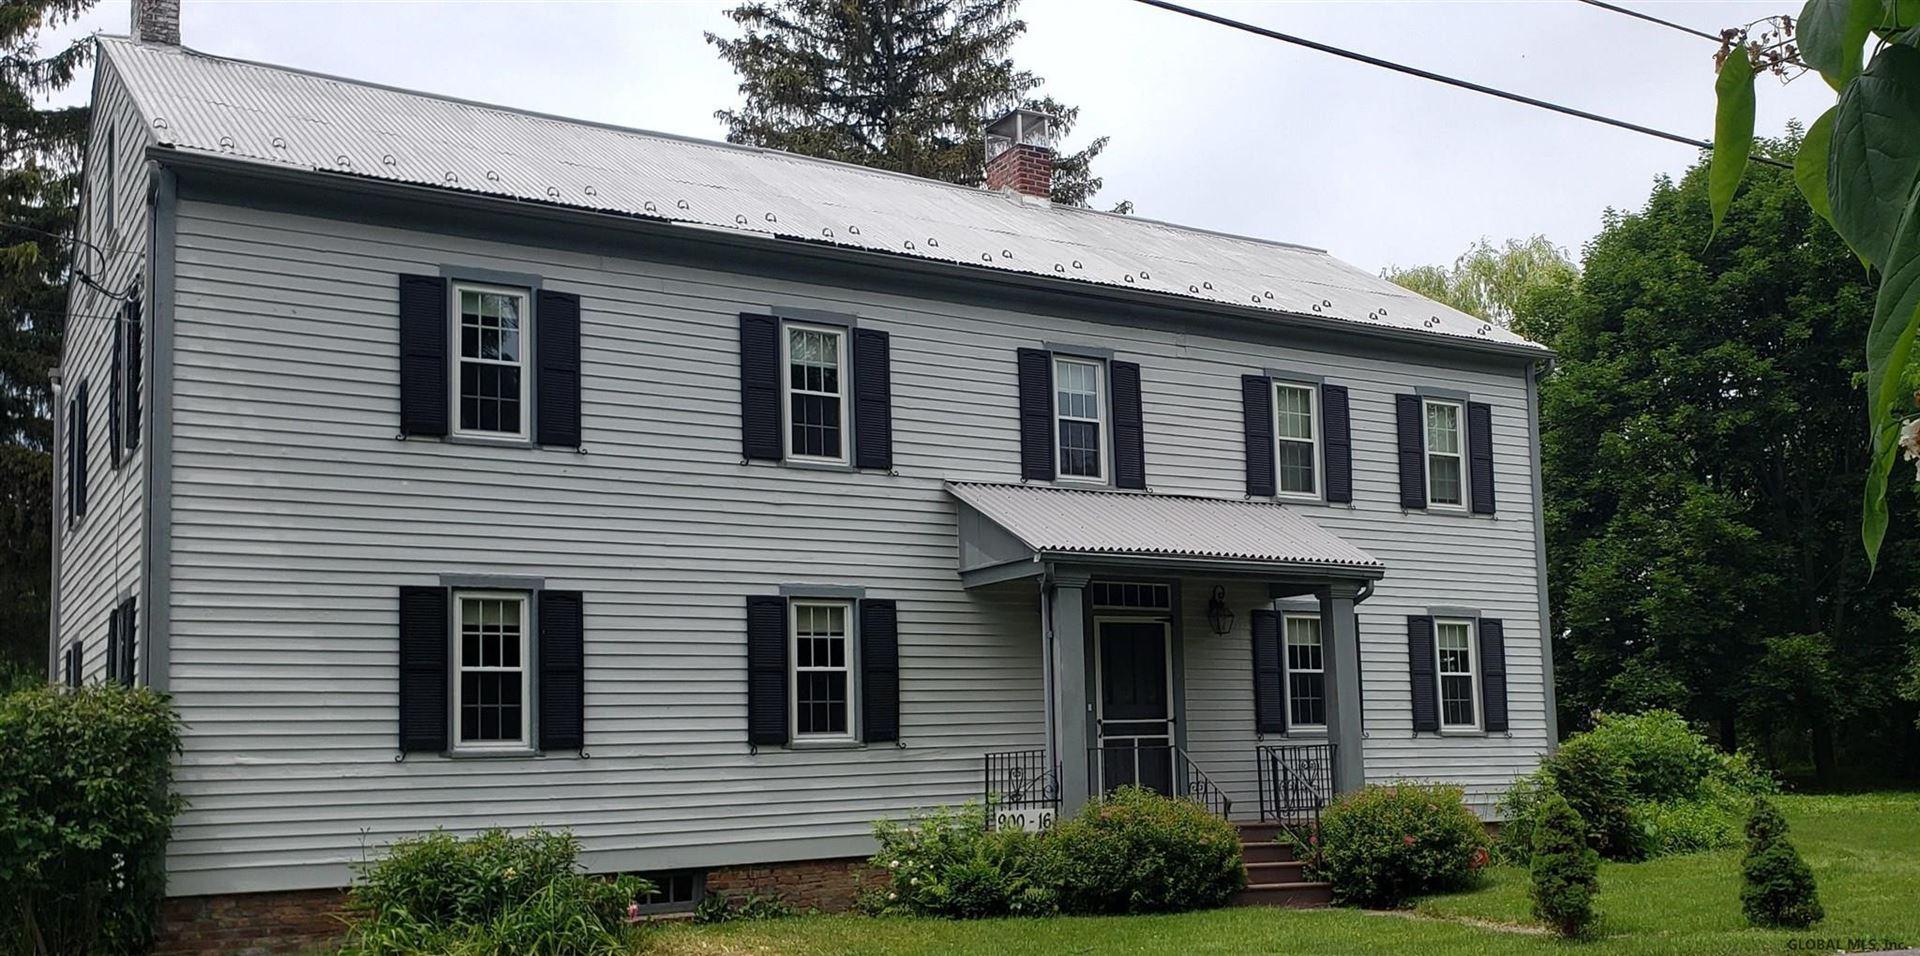 900 SOUTH FAMILY DR, Colonie, NY 12205 - #: 202124392